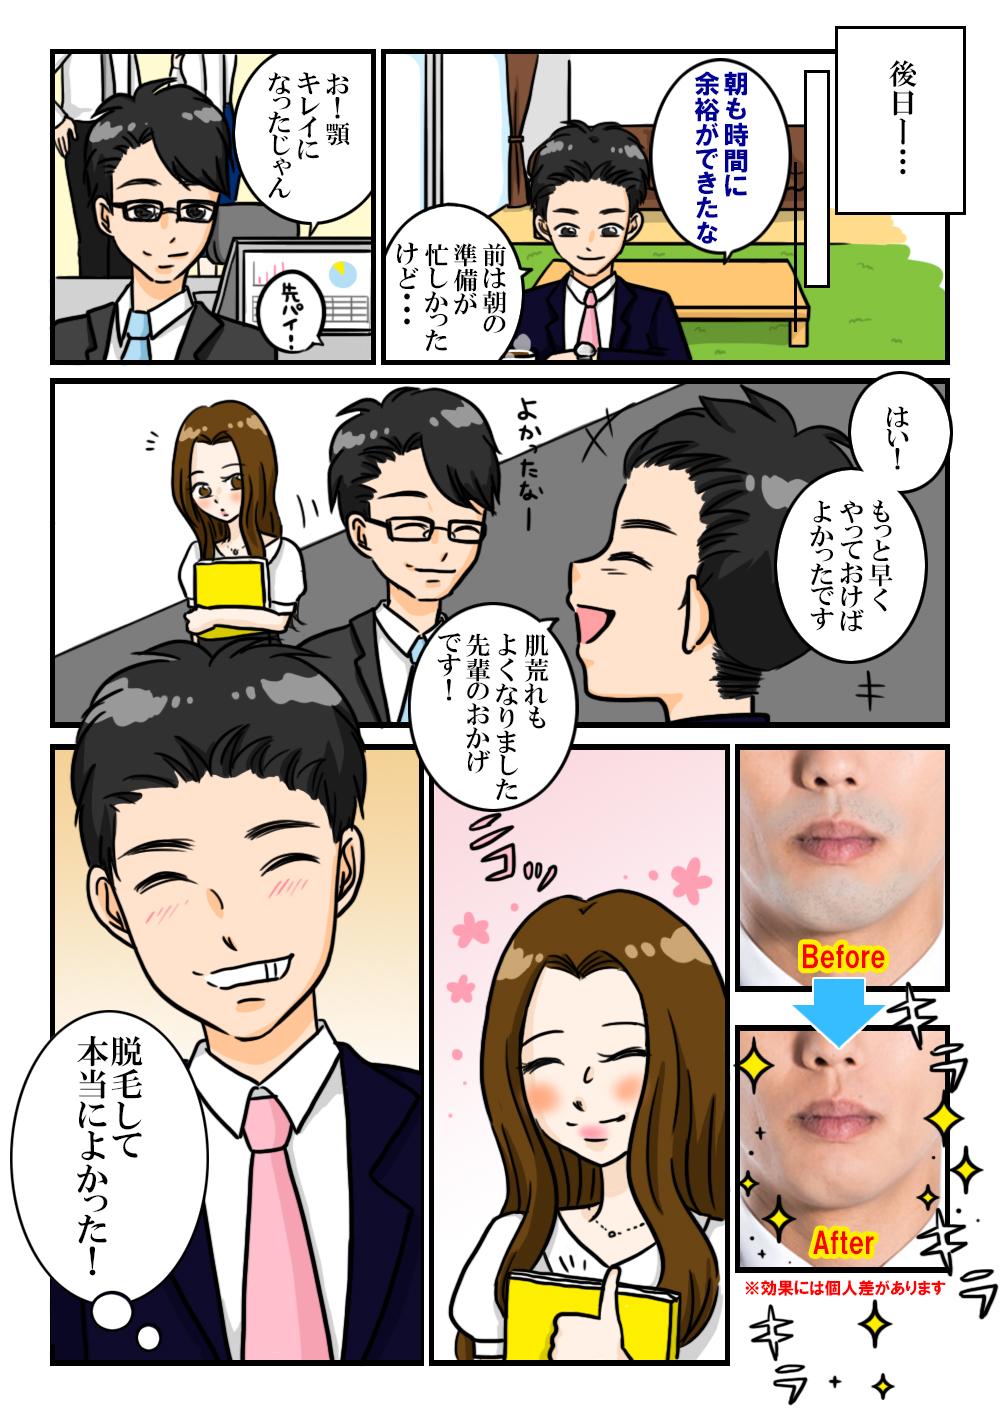 ヒゲ脱毛漫画4